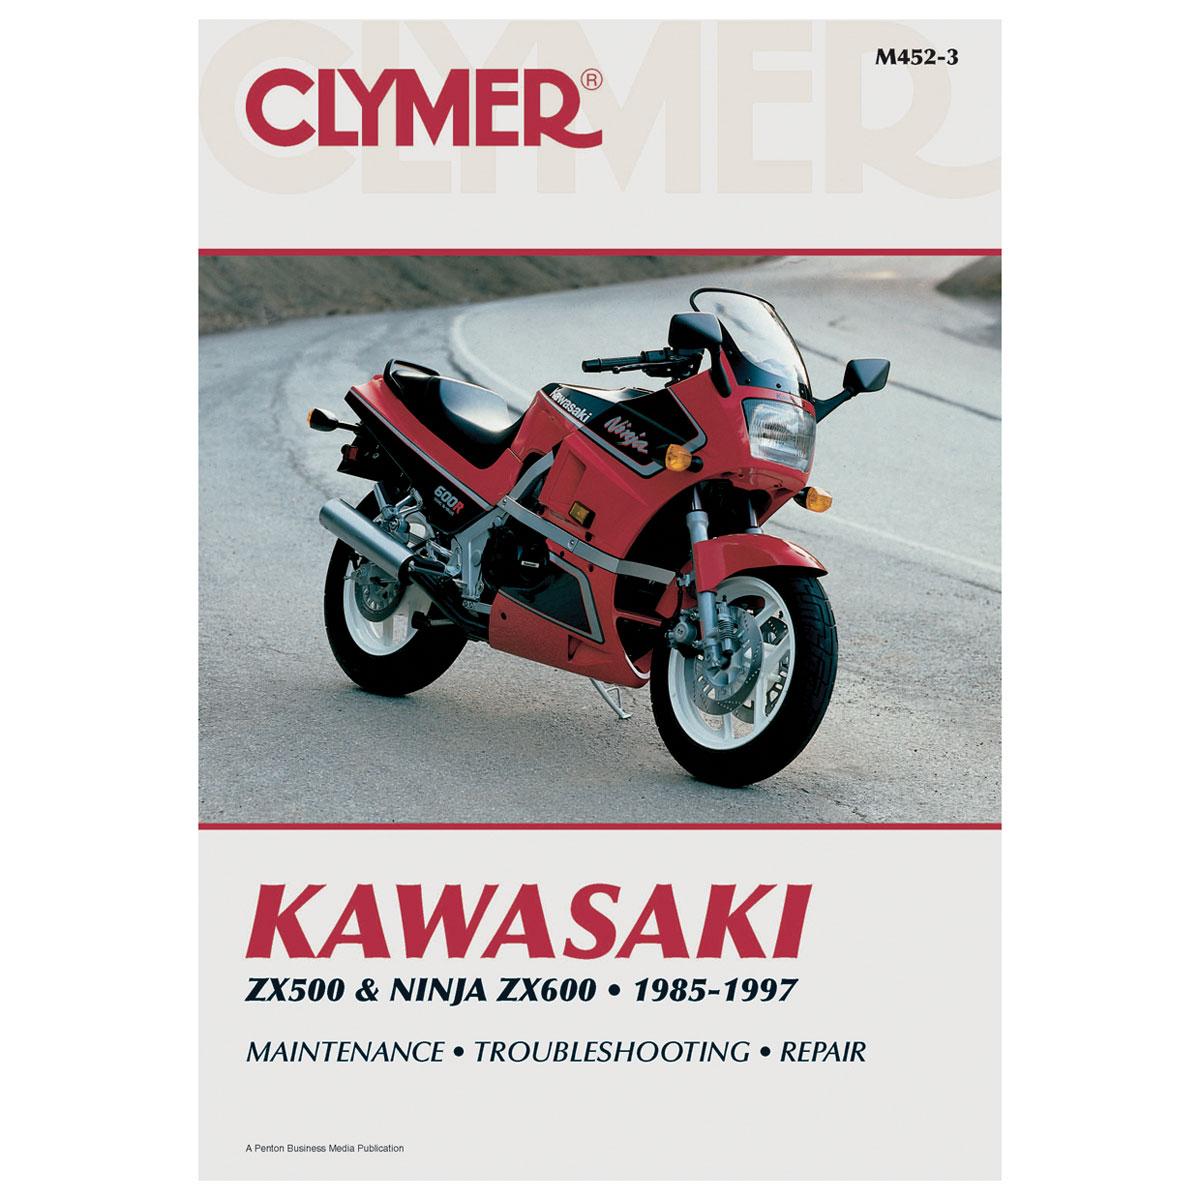 Clymer Kawasaki Motorcycle Repair Manual